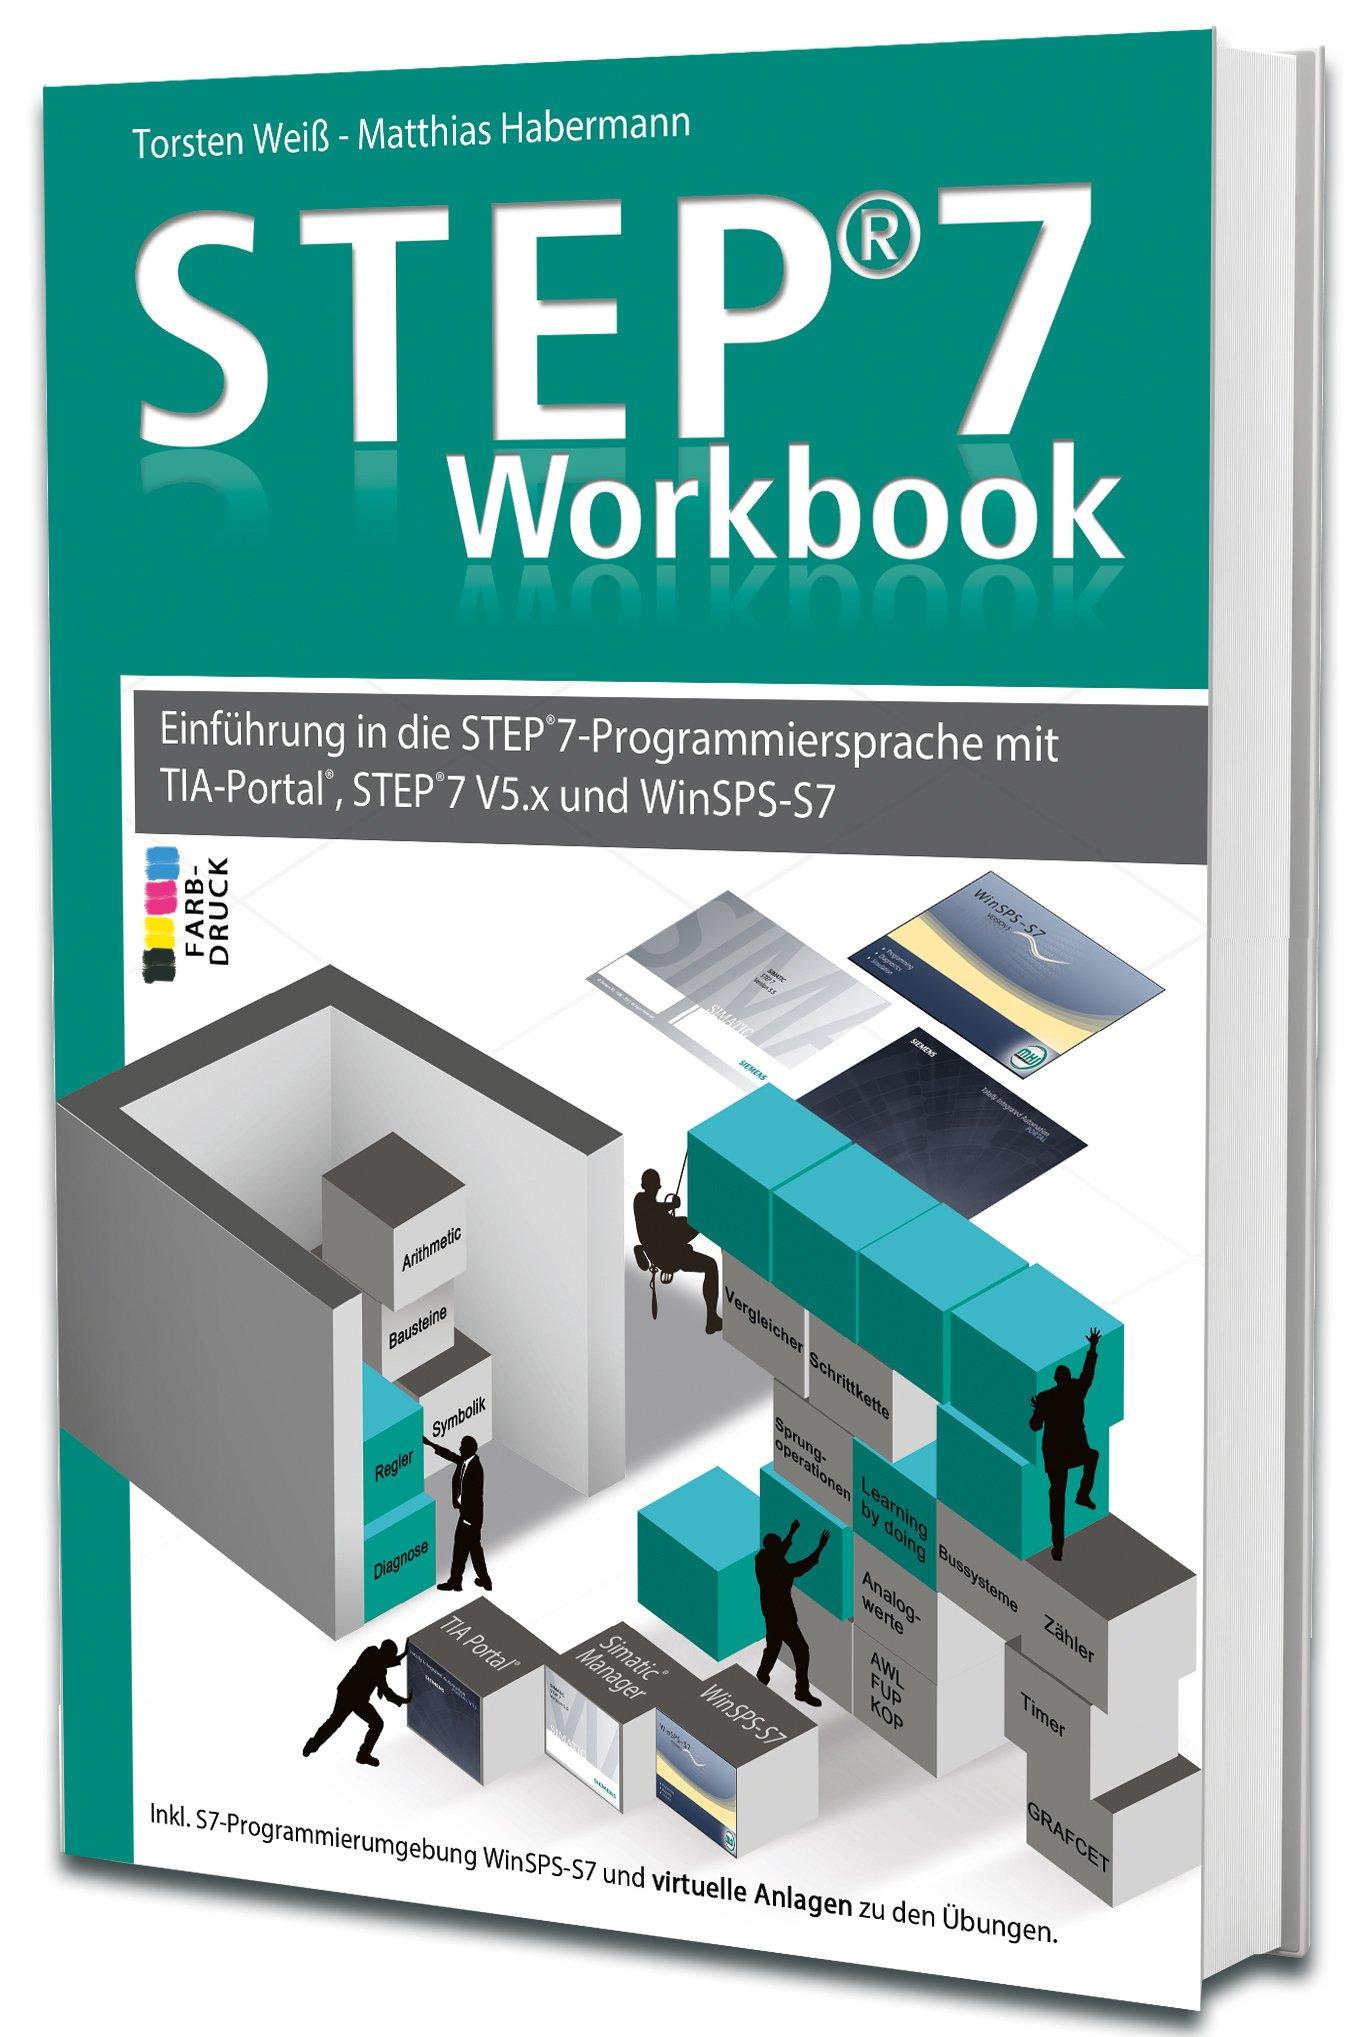 step7-workbook-einfhrung-in-die-step7-programmiersprache-mit-tia-portal-step7-v5-x-und-winsps-s7